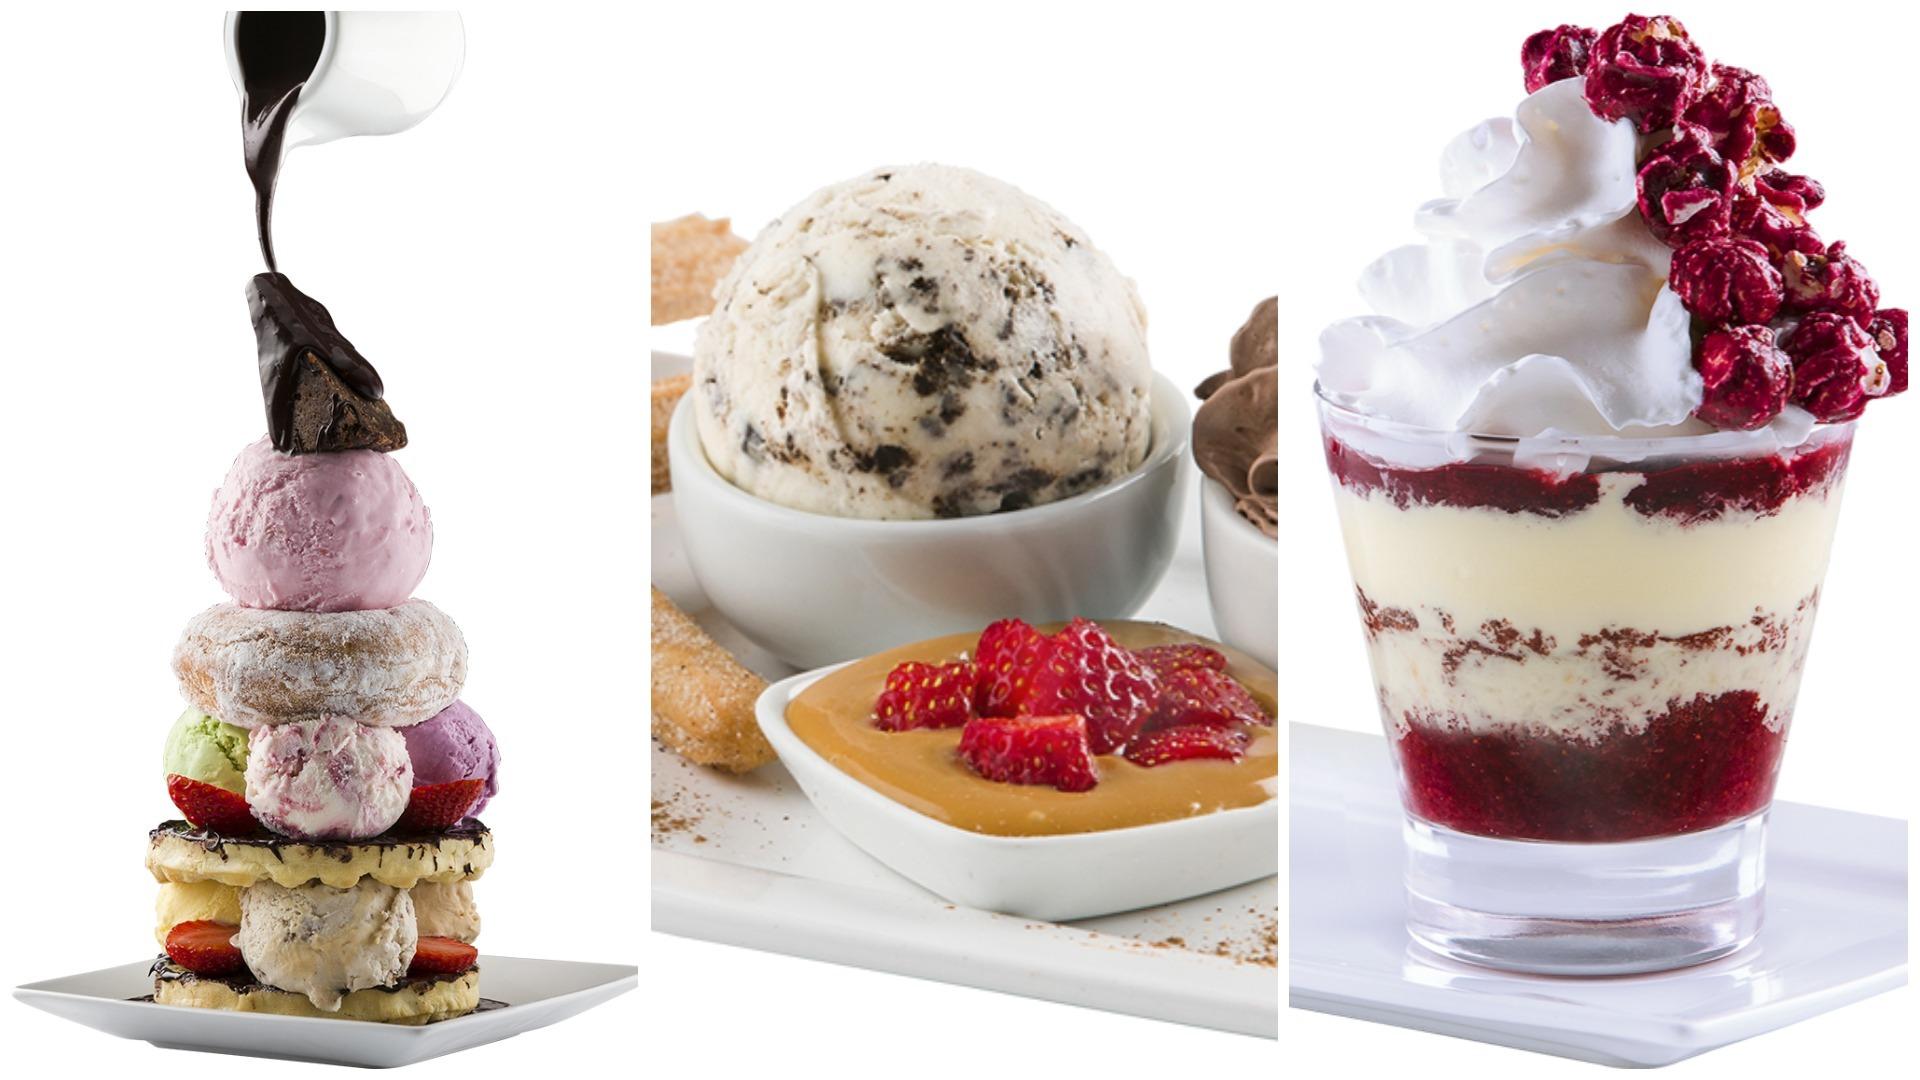 a50aca6e35ed Sorveteria Salada inicia 15ª temporada de sorvetes quentes com sabores  inusitados